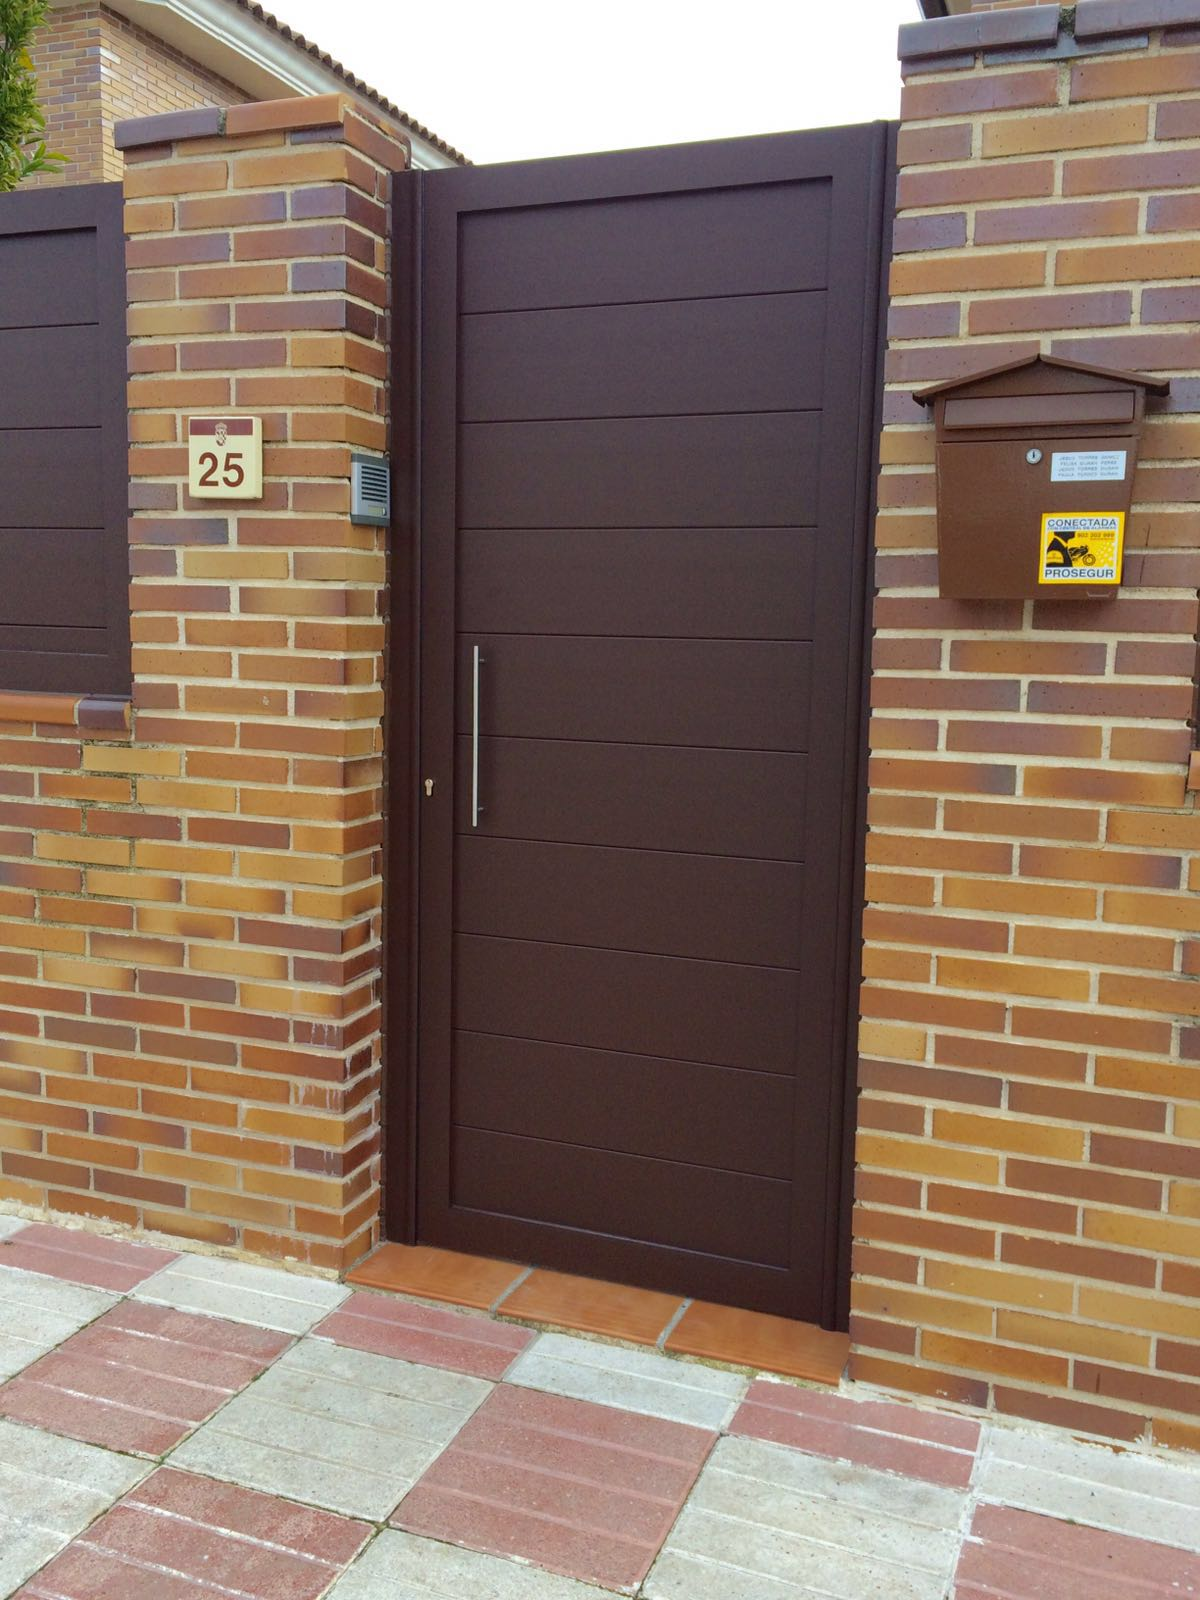 Puertas de aluminio para exterior modelo gri on patentado grupo marver - Puertas de exterior modernas ...